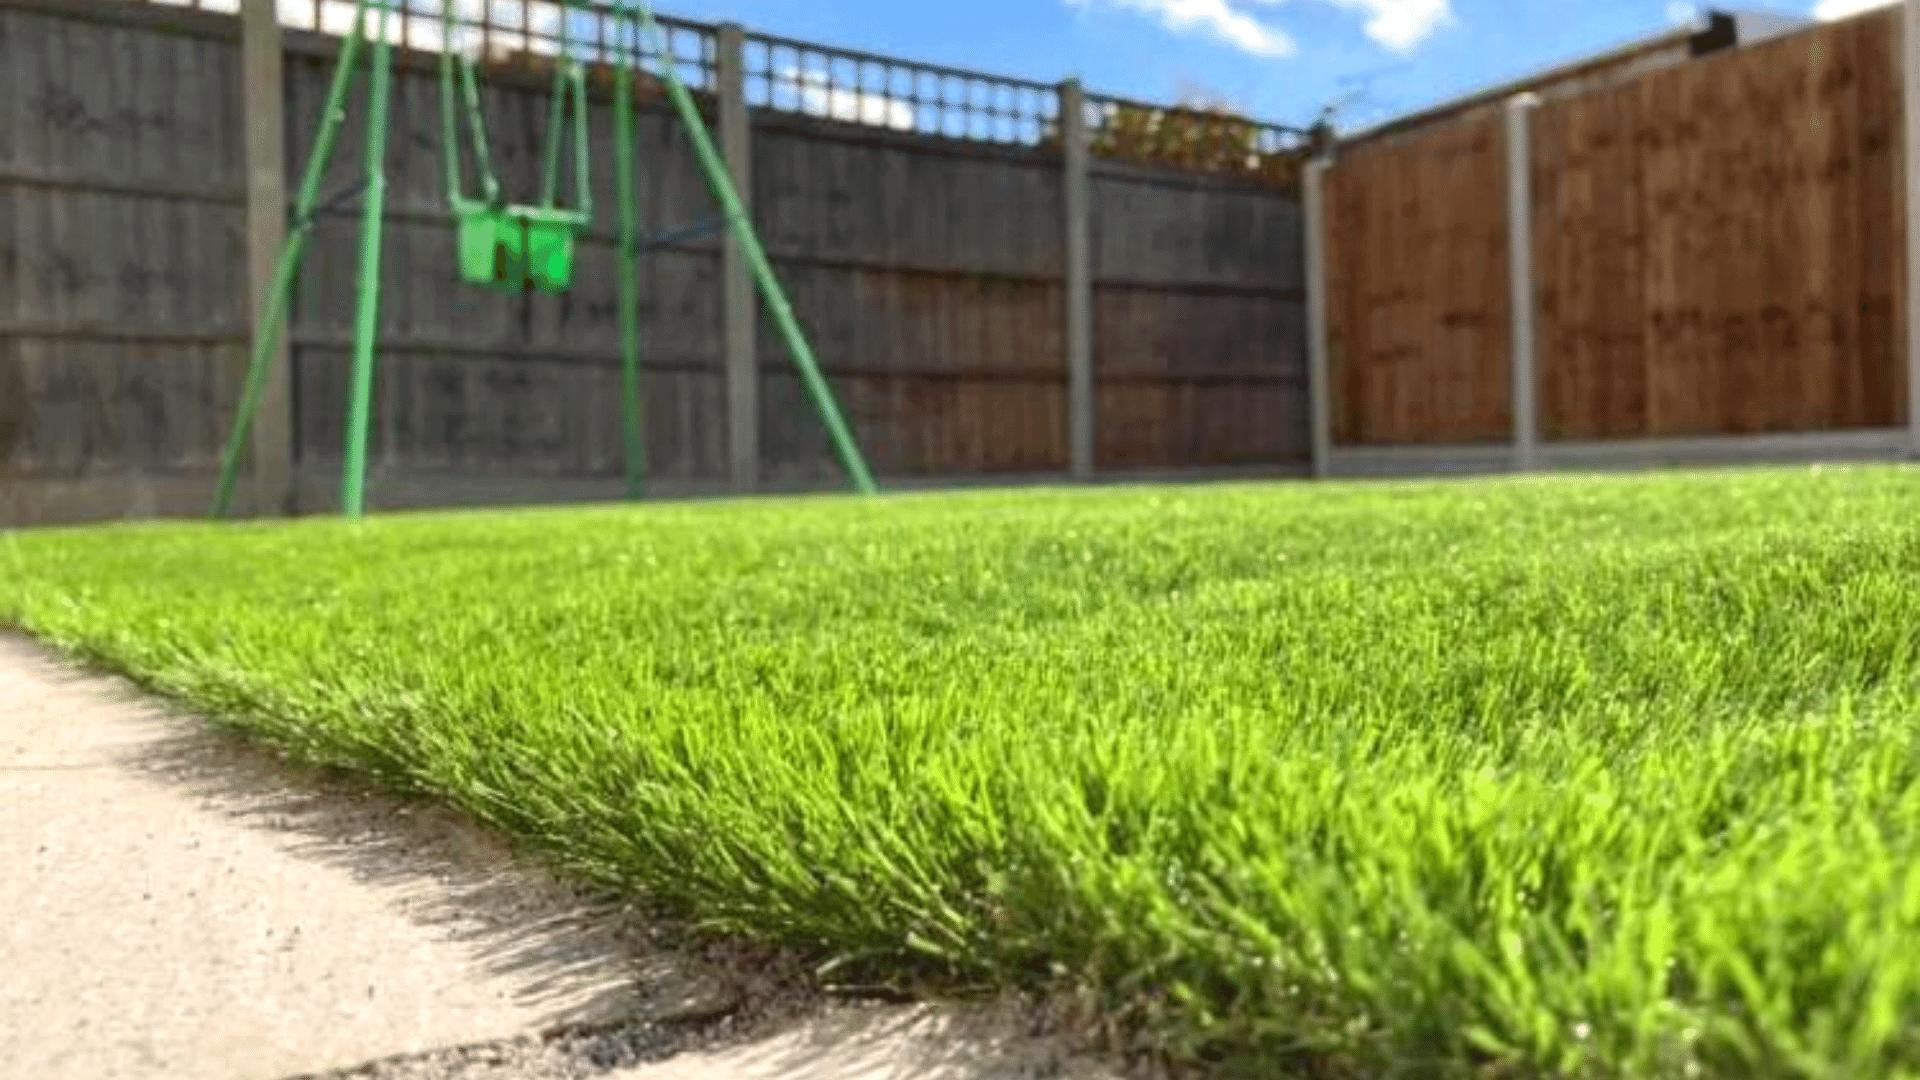 Artificial Grass: Residential